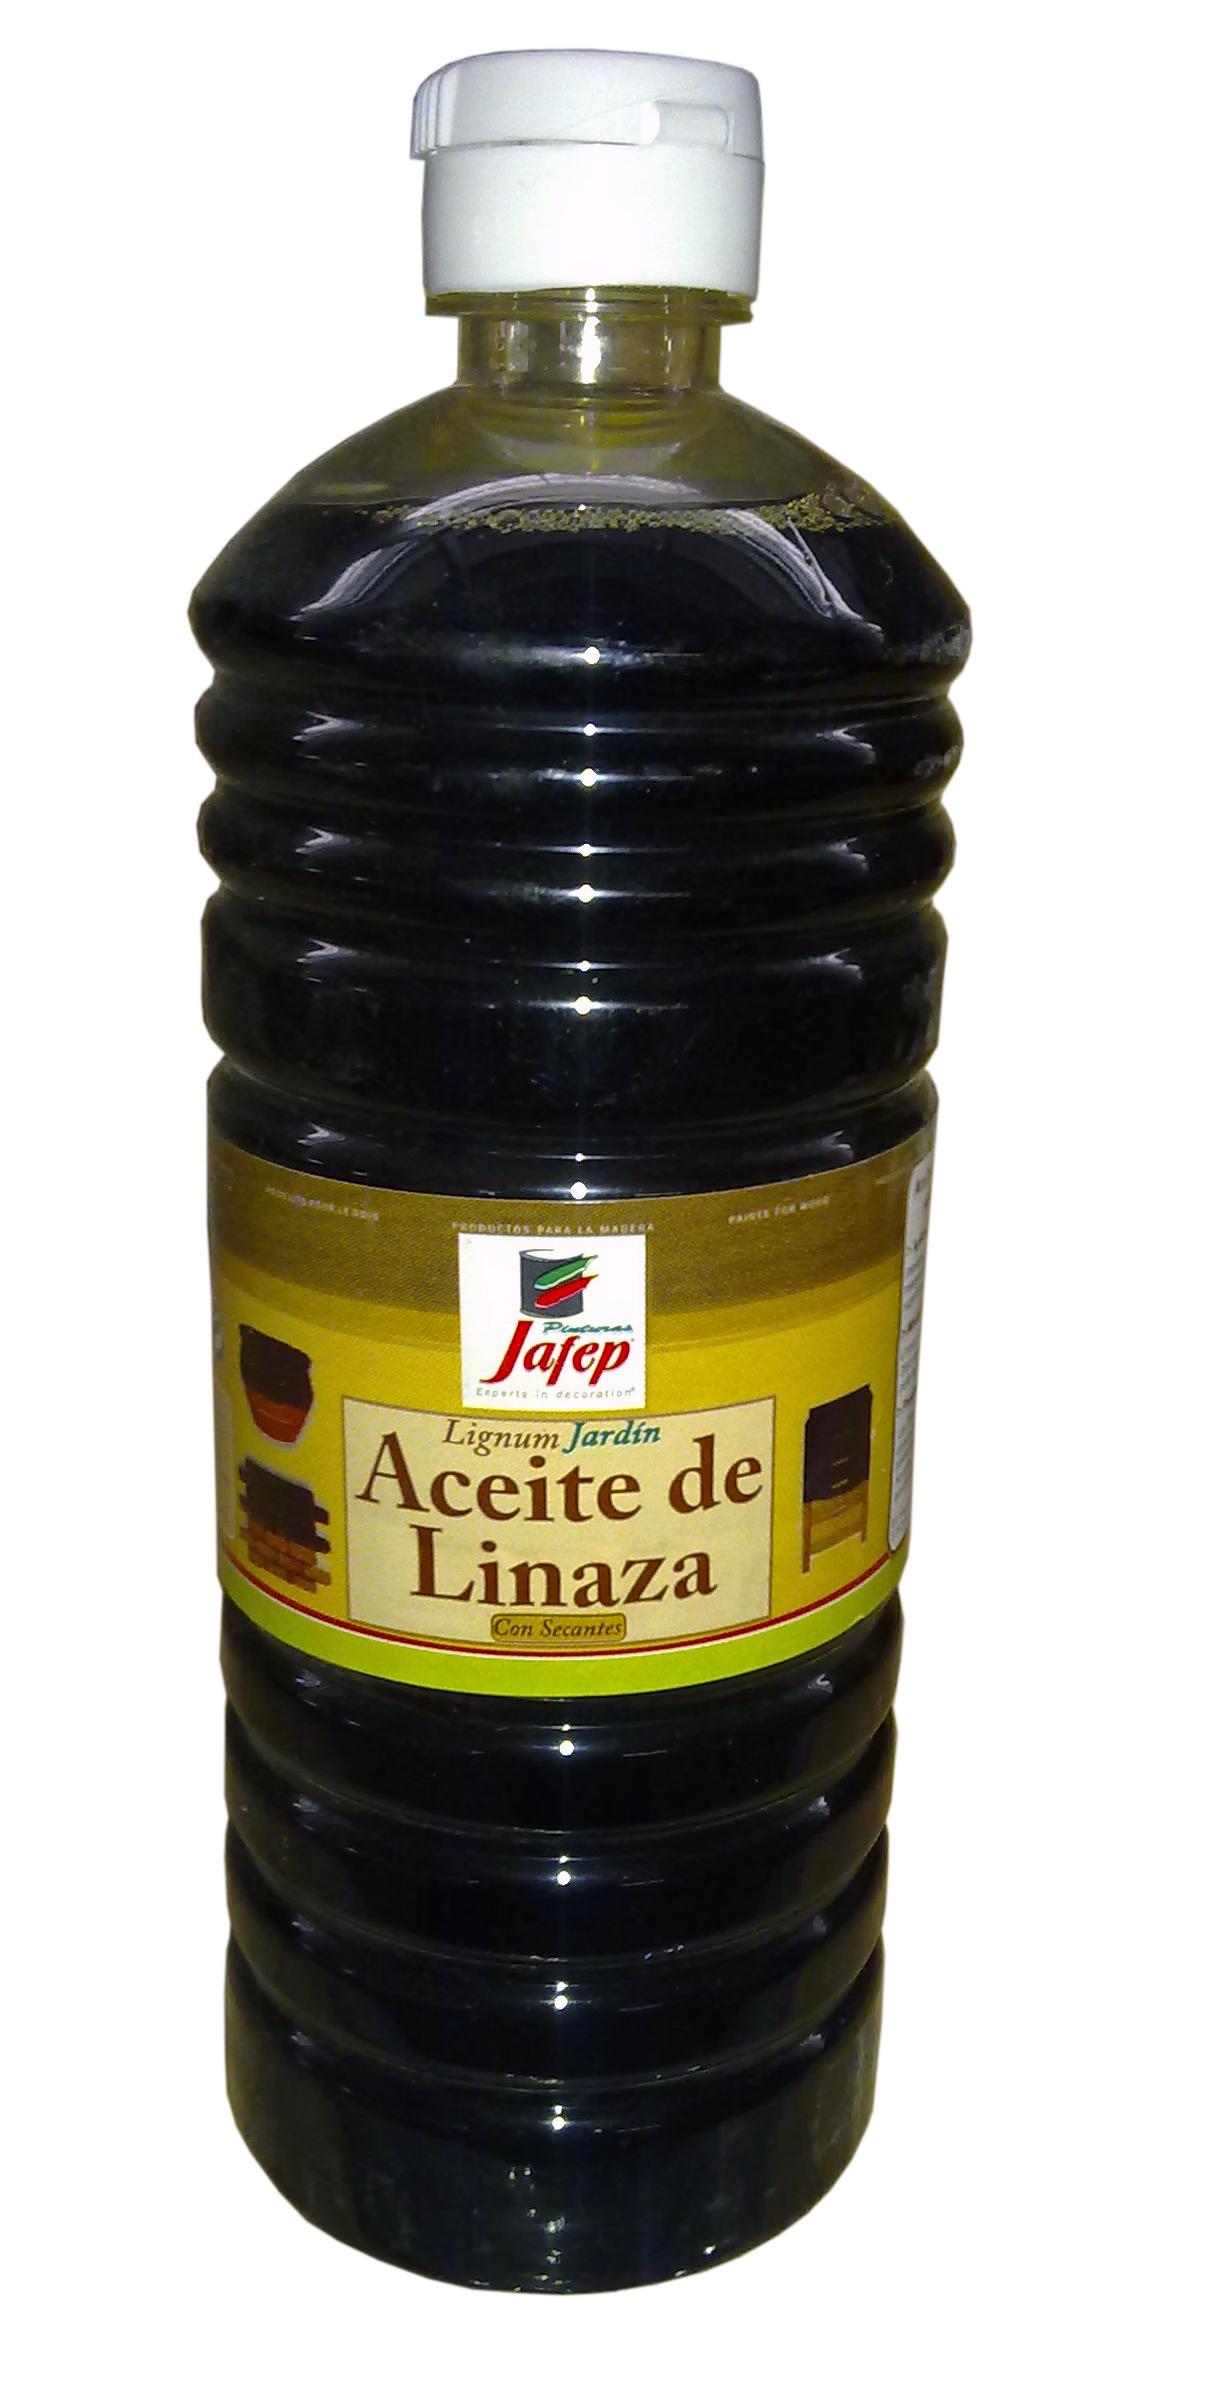 Aceite de linaza leo de linha a pinturas jafep - Aceite de linaza ...